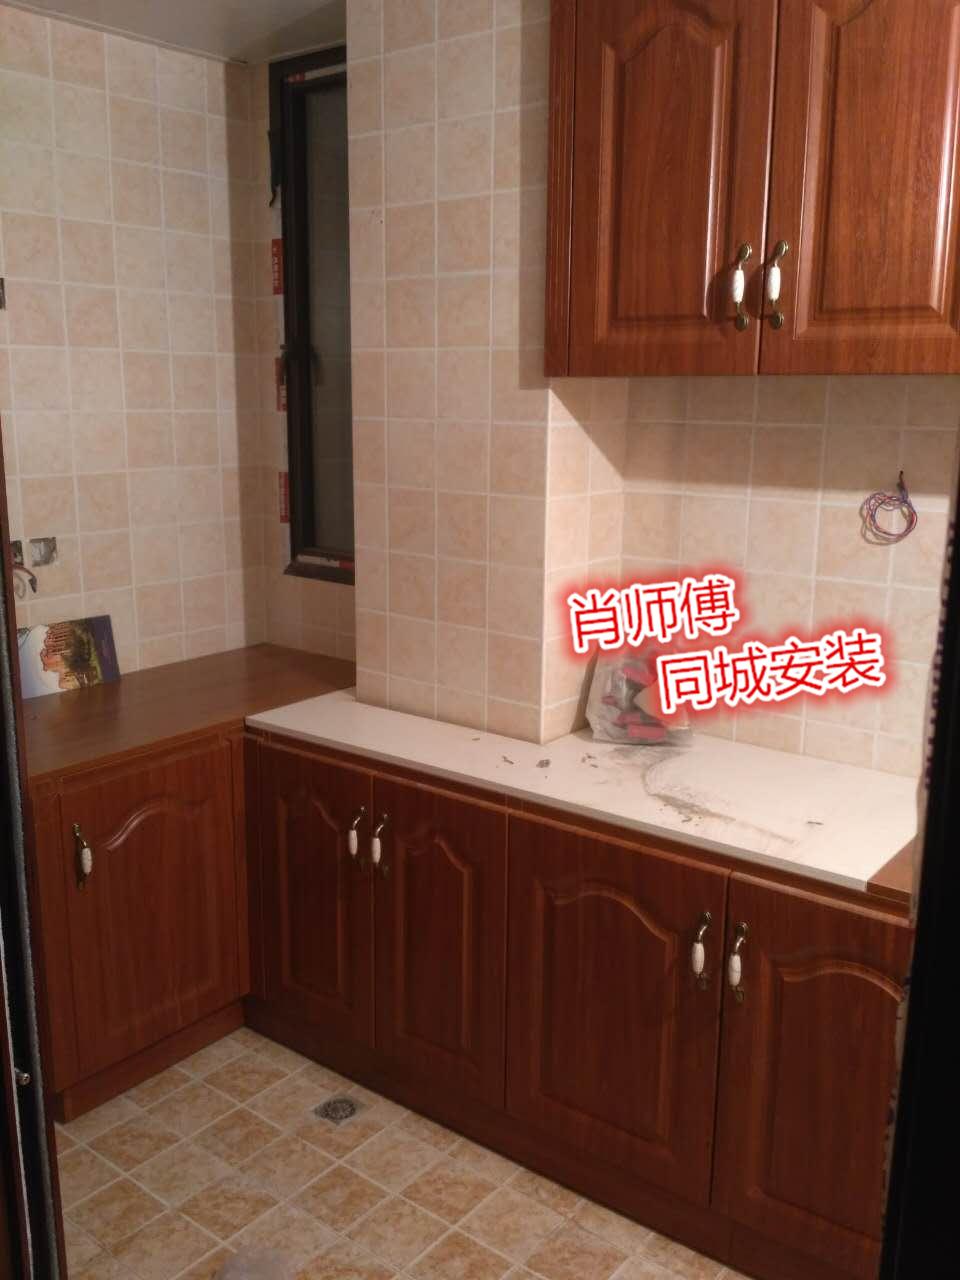 人脉服务_重庆同城家具安装工人  橱柜安装4